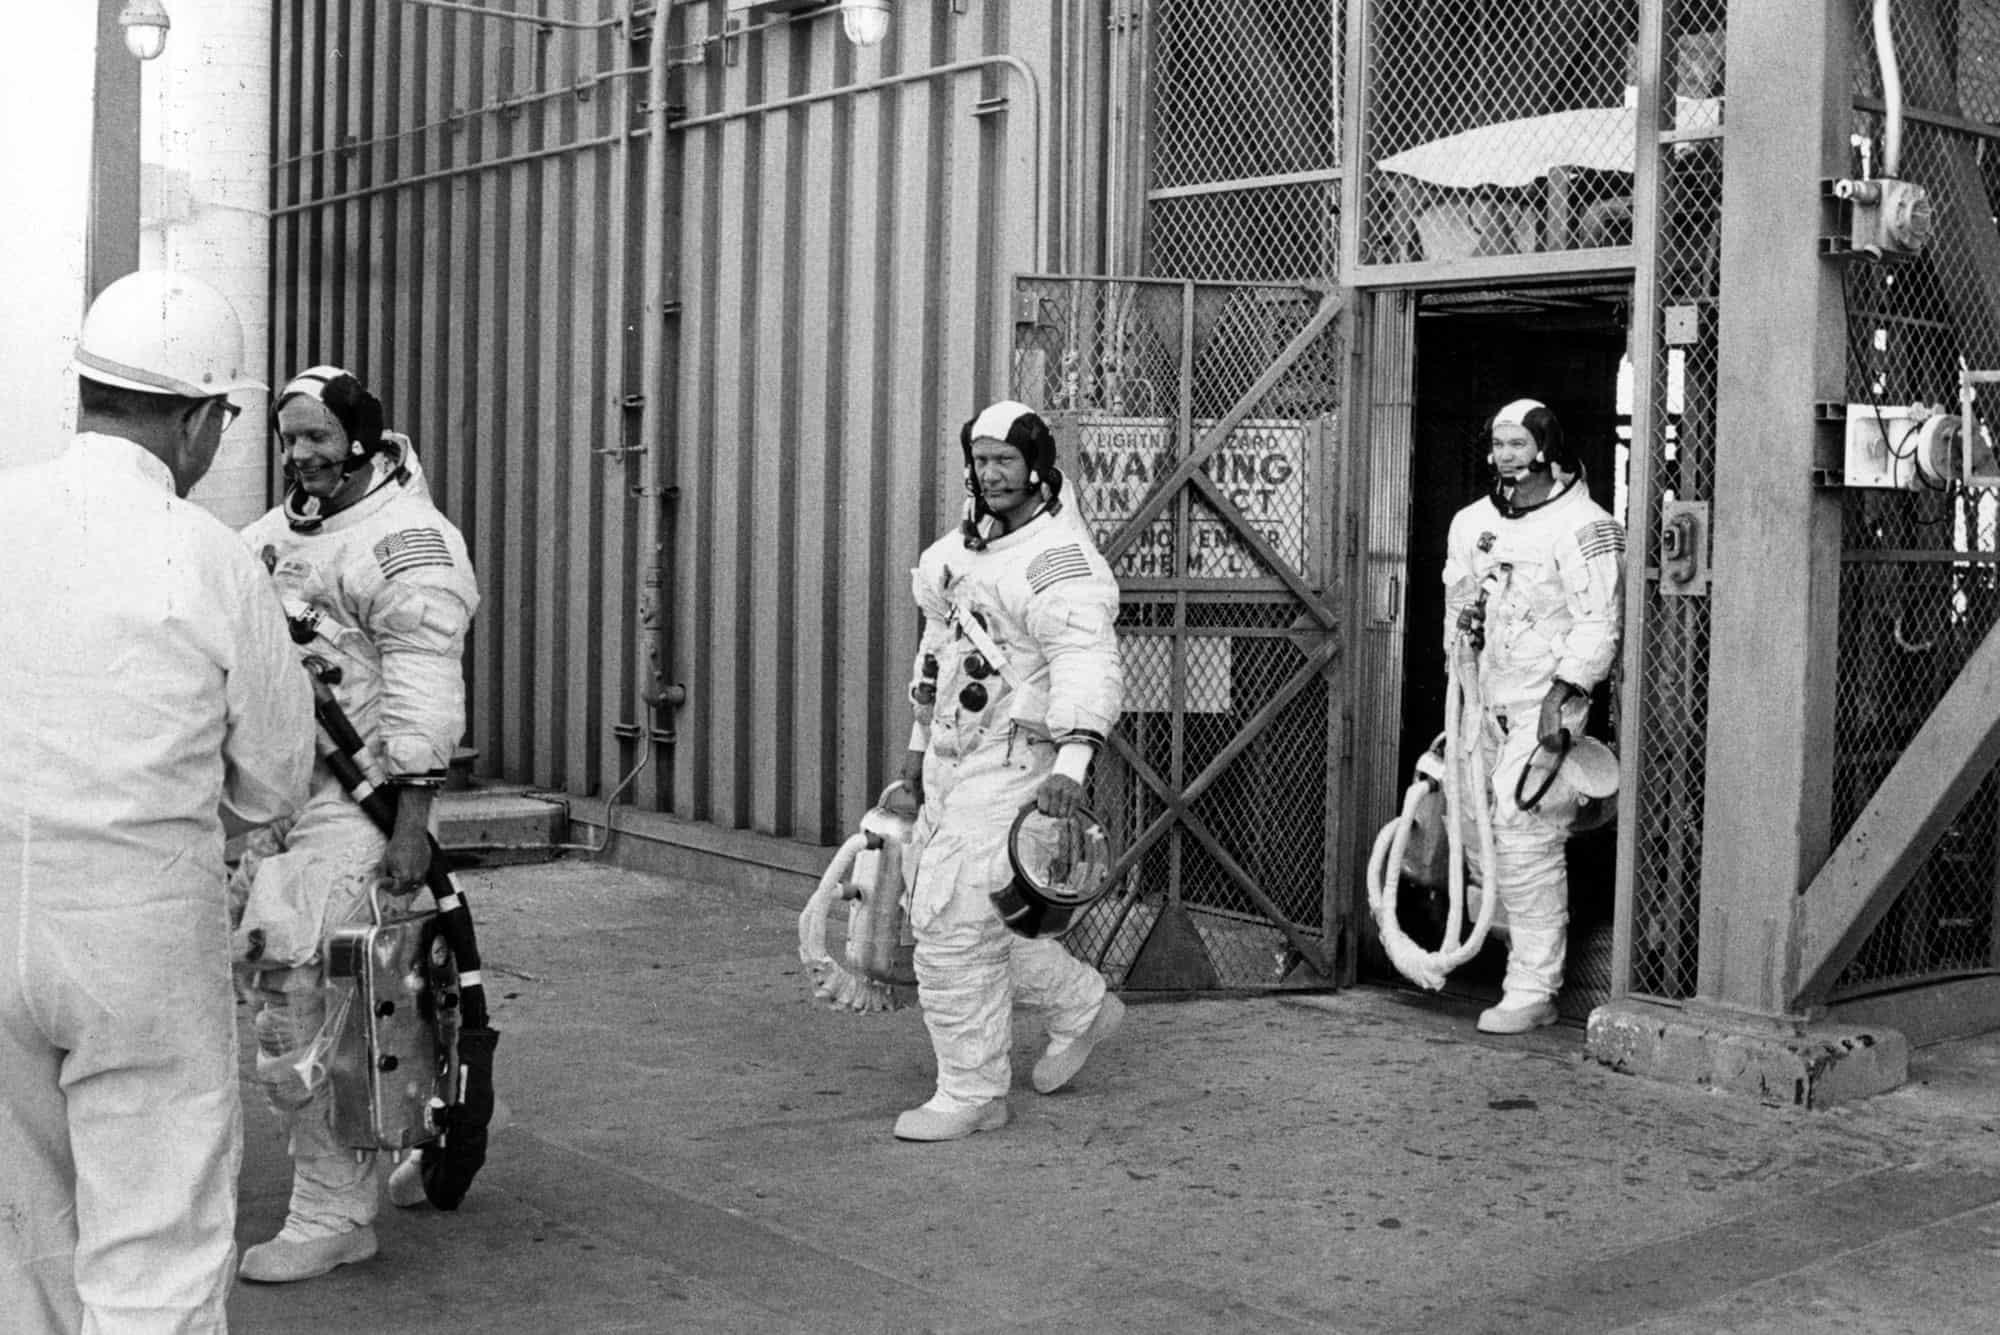 Los integrantes de la misión Apolo 11